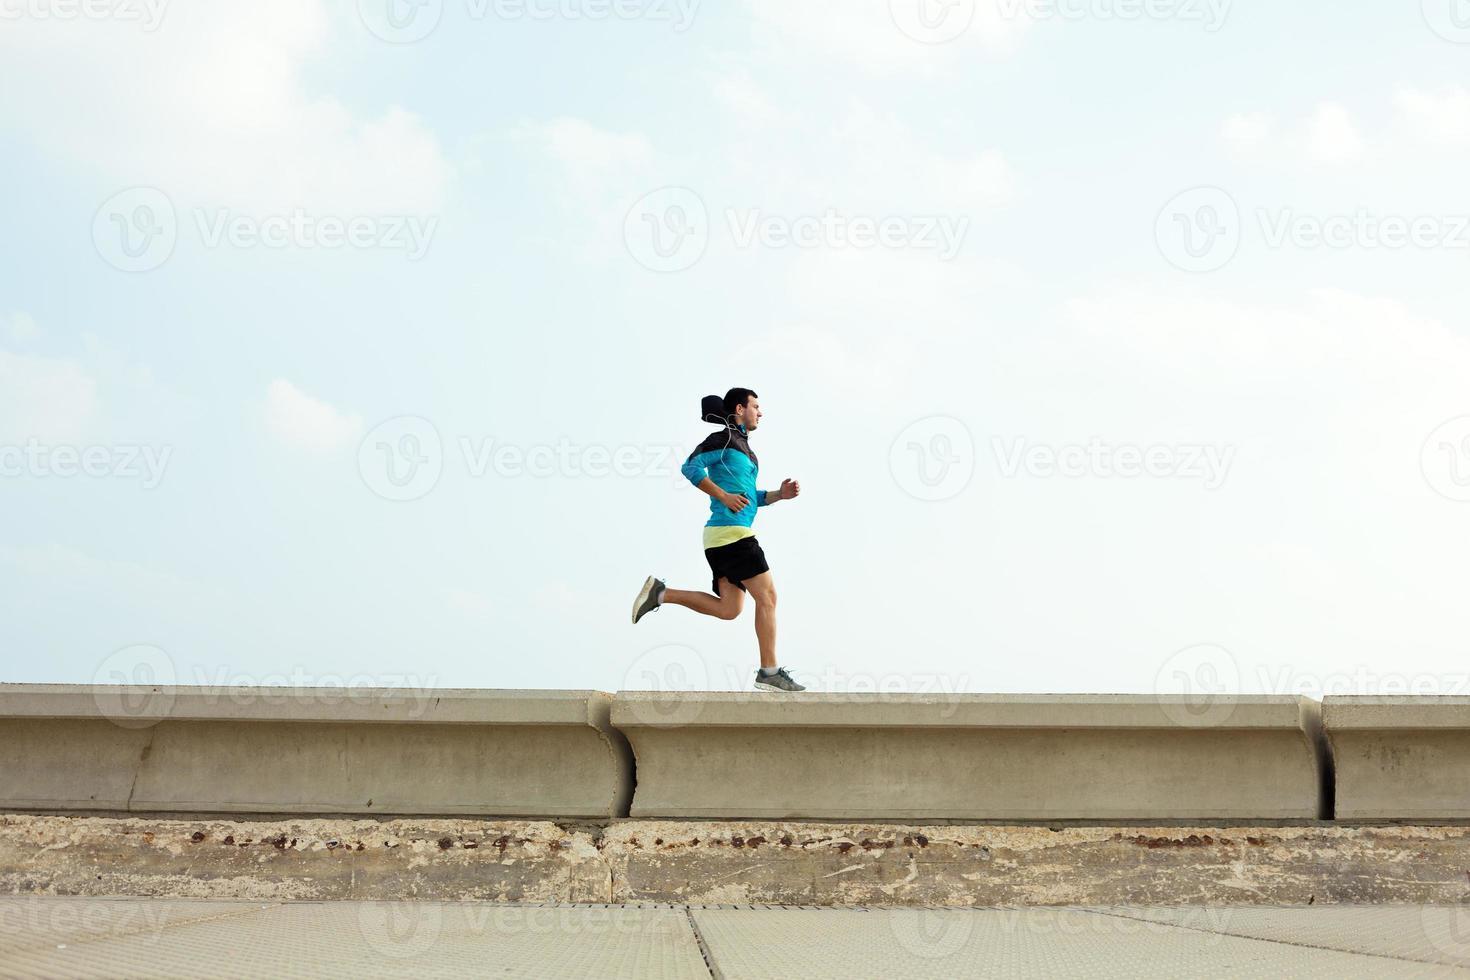 esportista correndo na borda de concreto foto